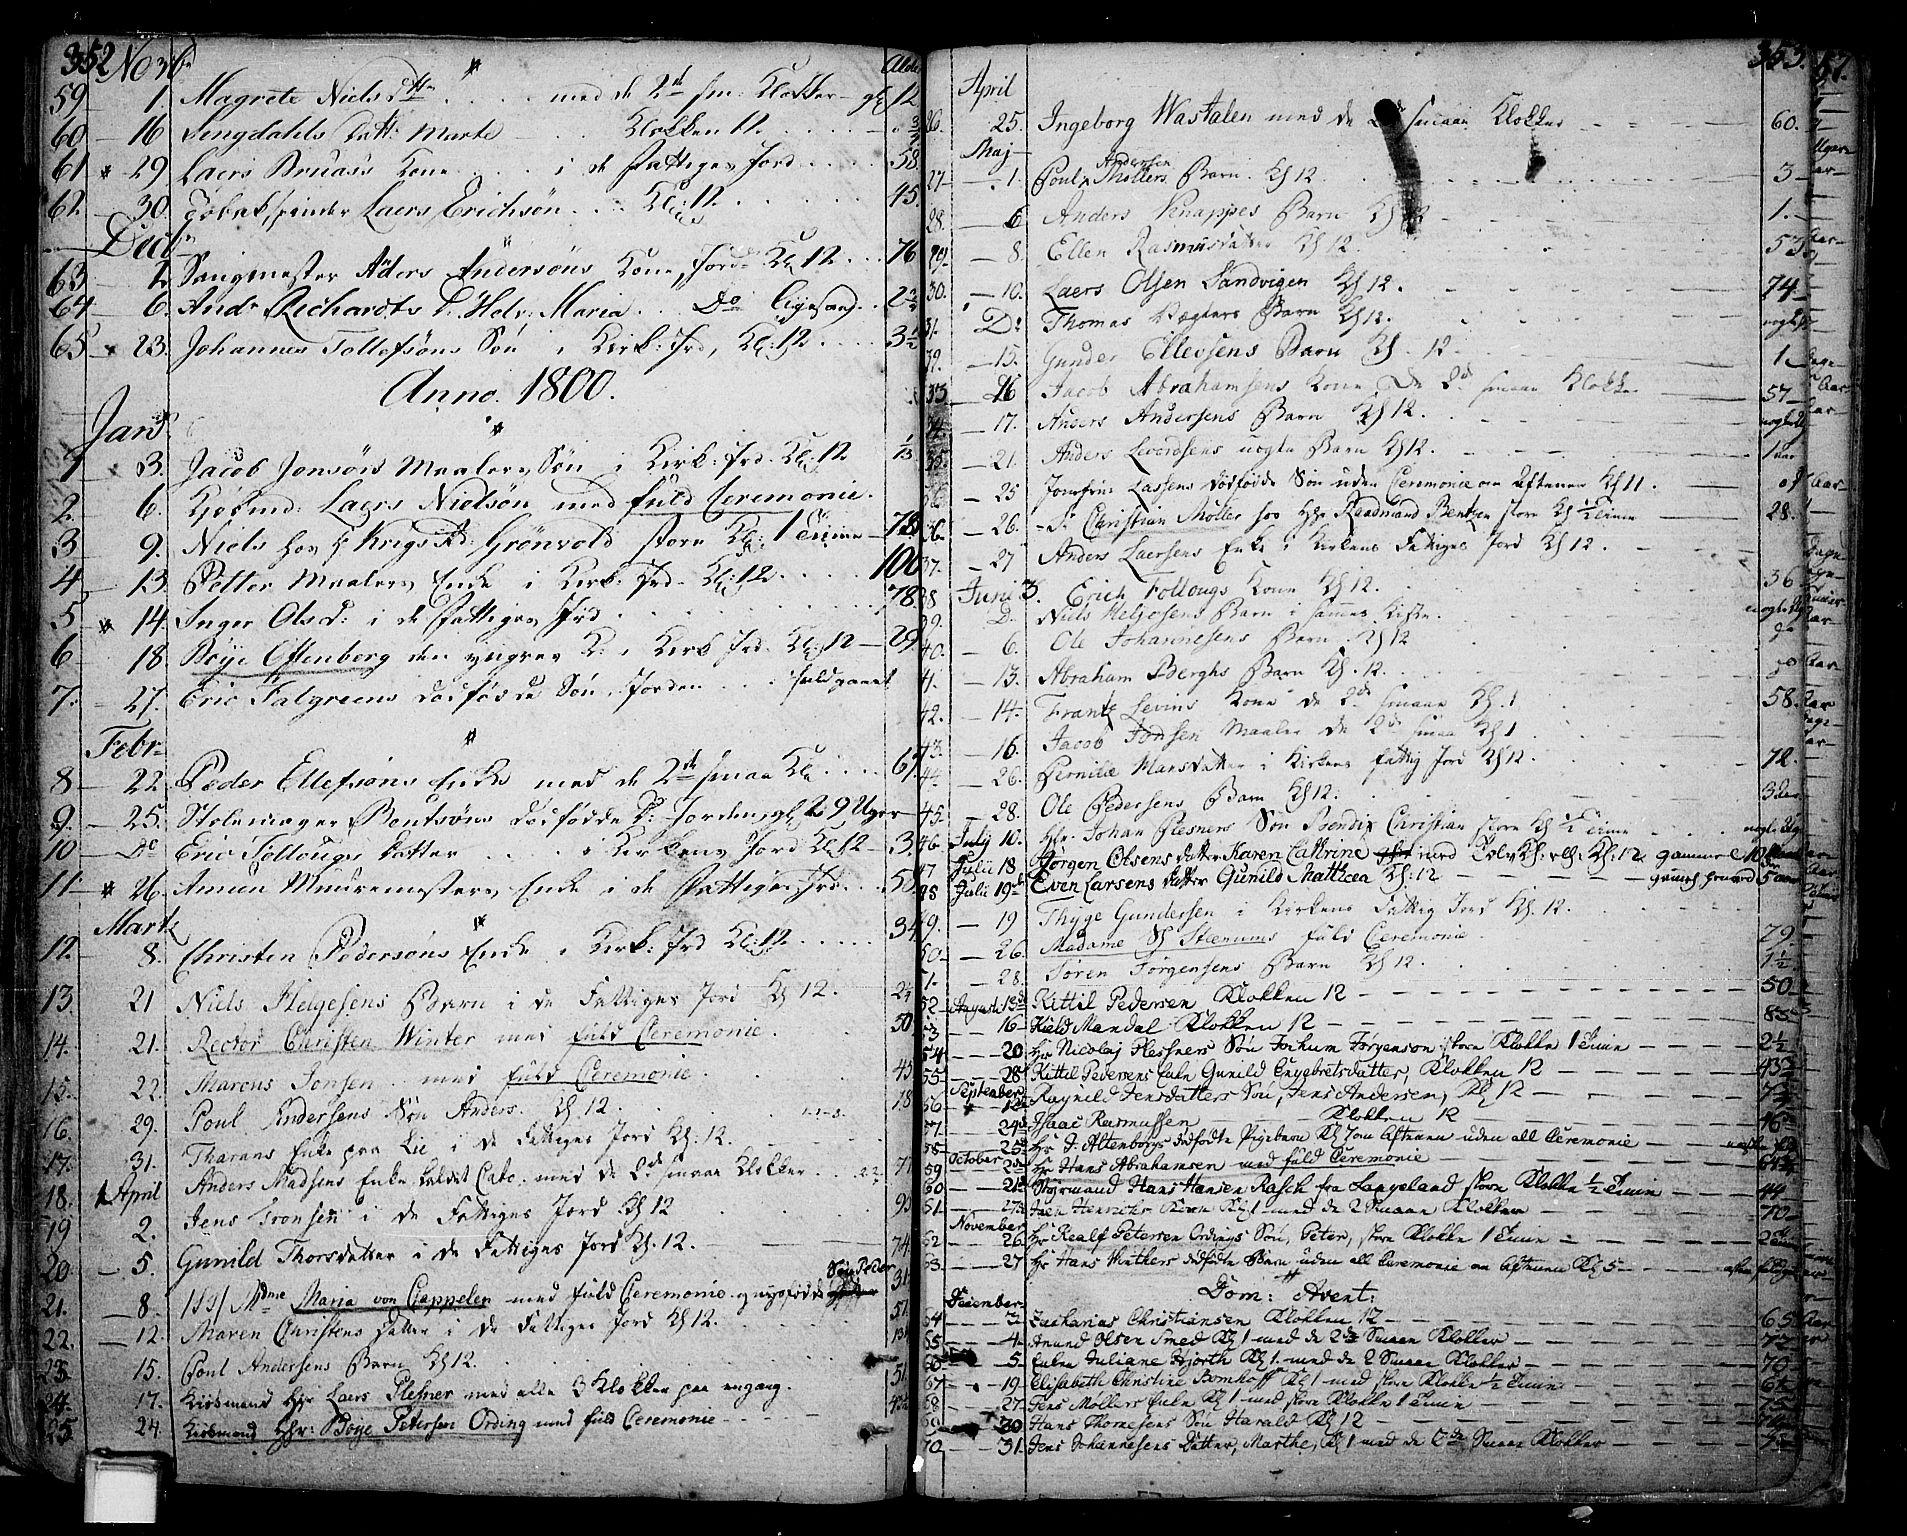 SAKO, Skien kirkebøker, F/Fa/L0004: Ministerialbok nr. 4, 1792-1814, s. 352-353